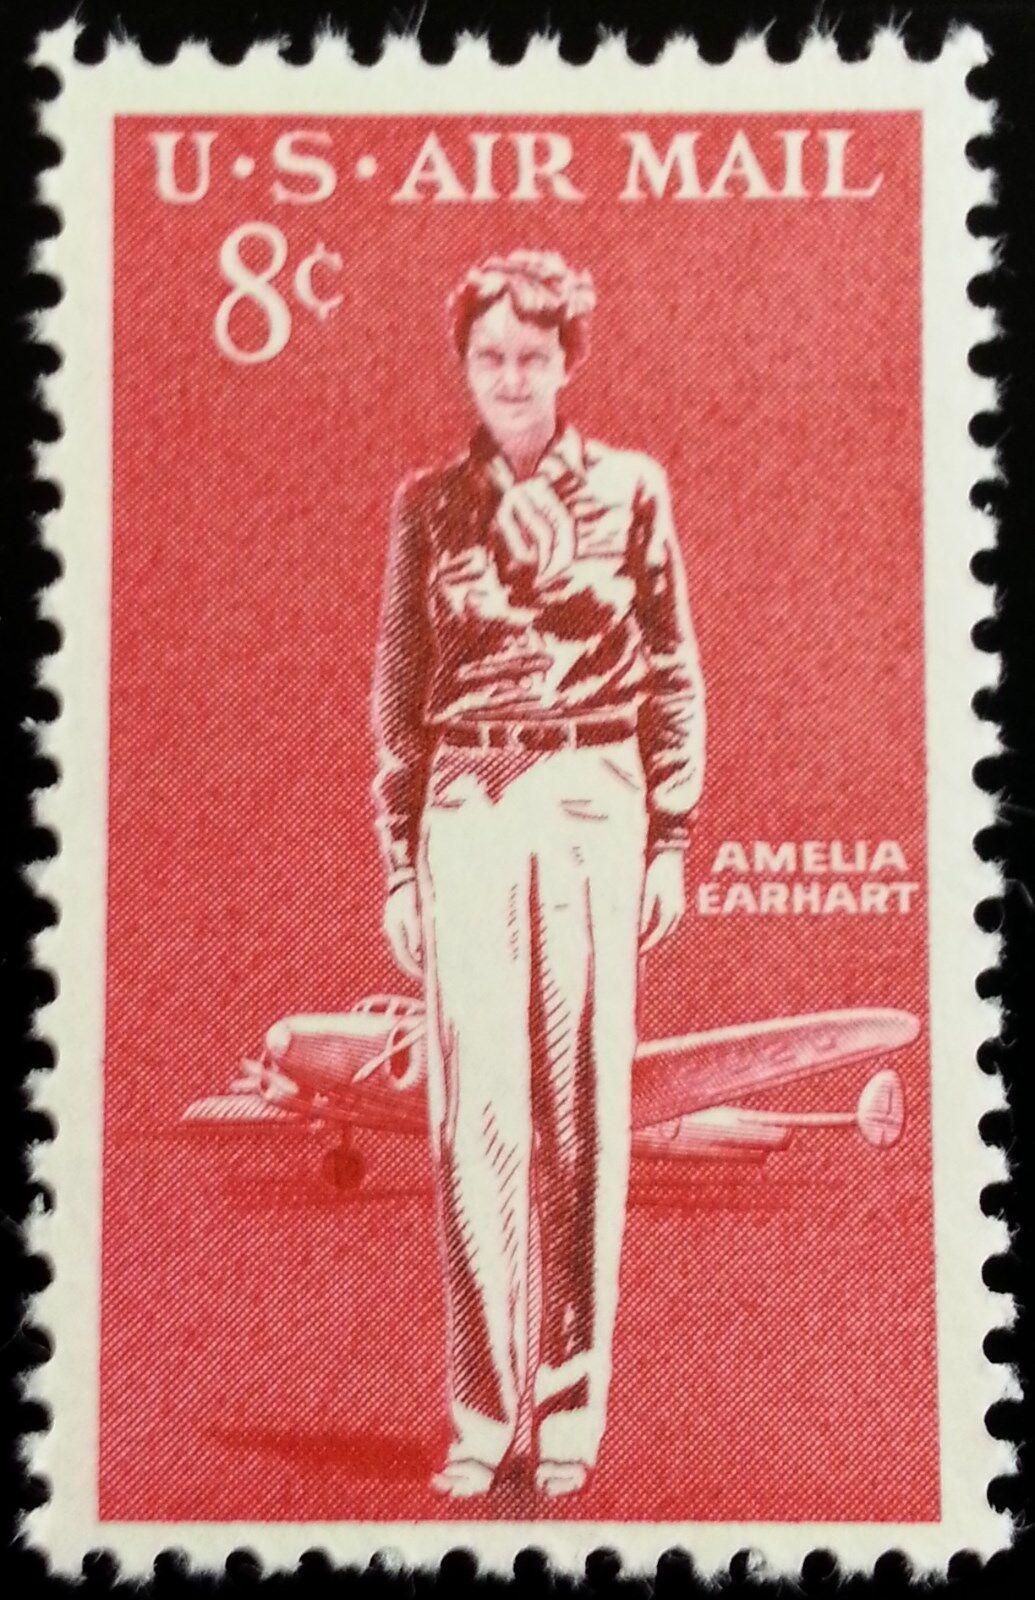 1963 8c Amelia Earhart, American Aviation Pioneer Scott